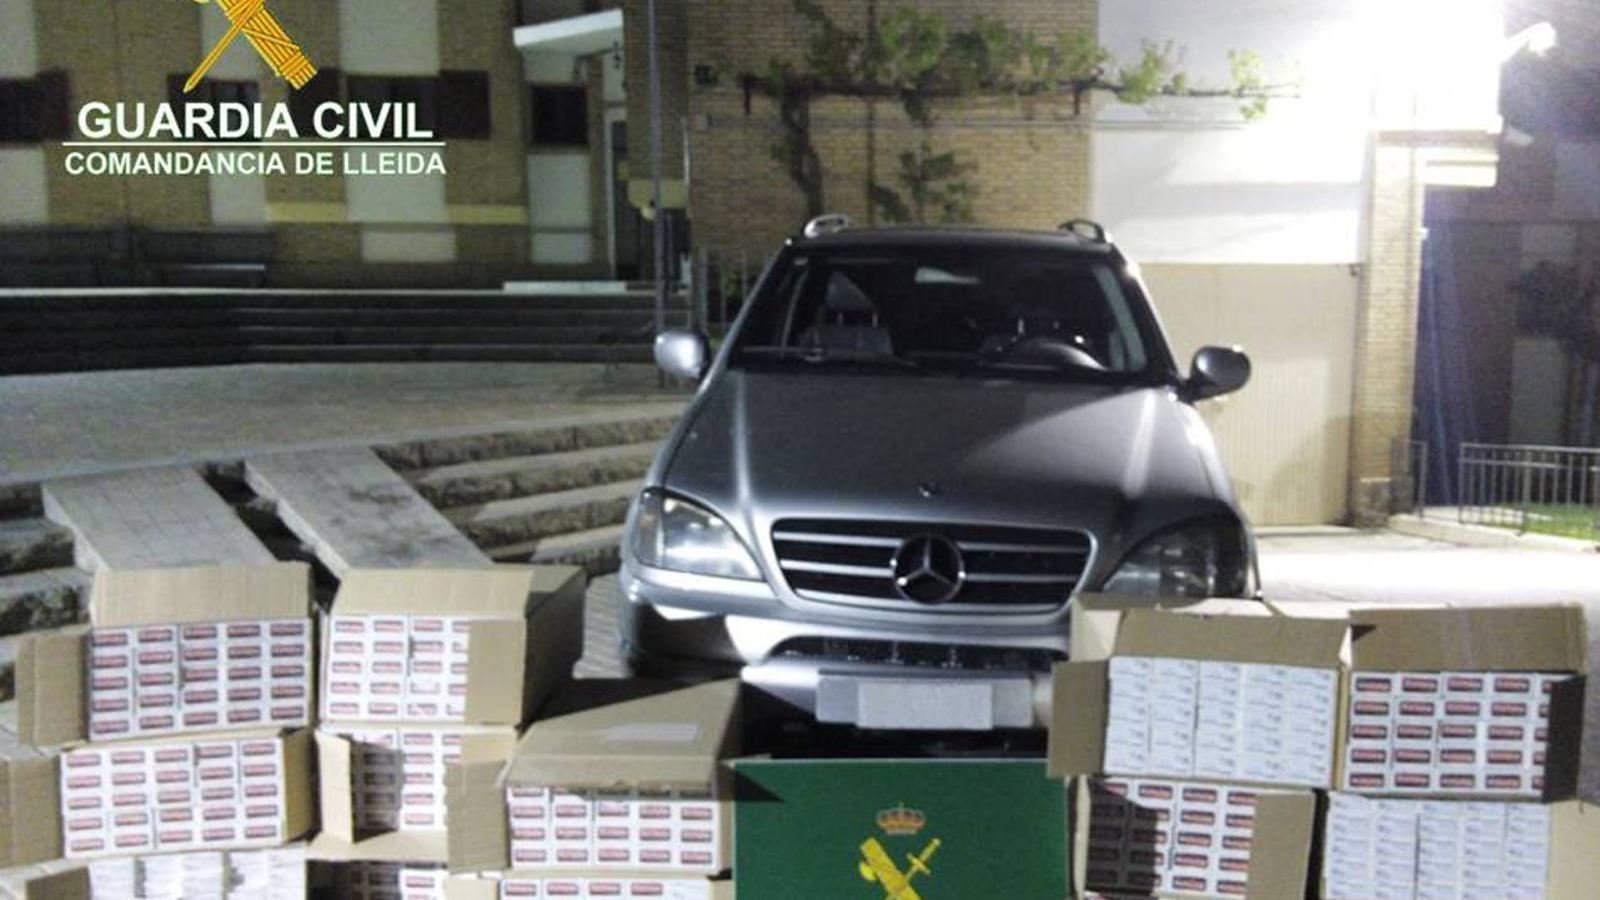 Una imatge del vehicle controlat i el tabac comissat